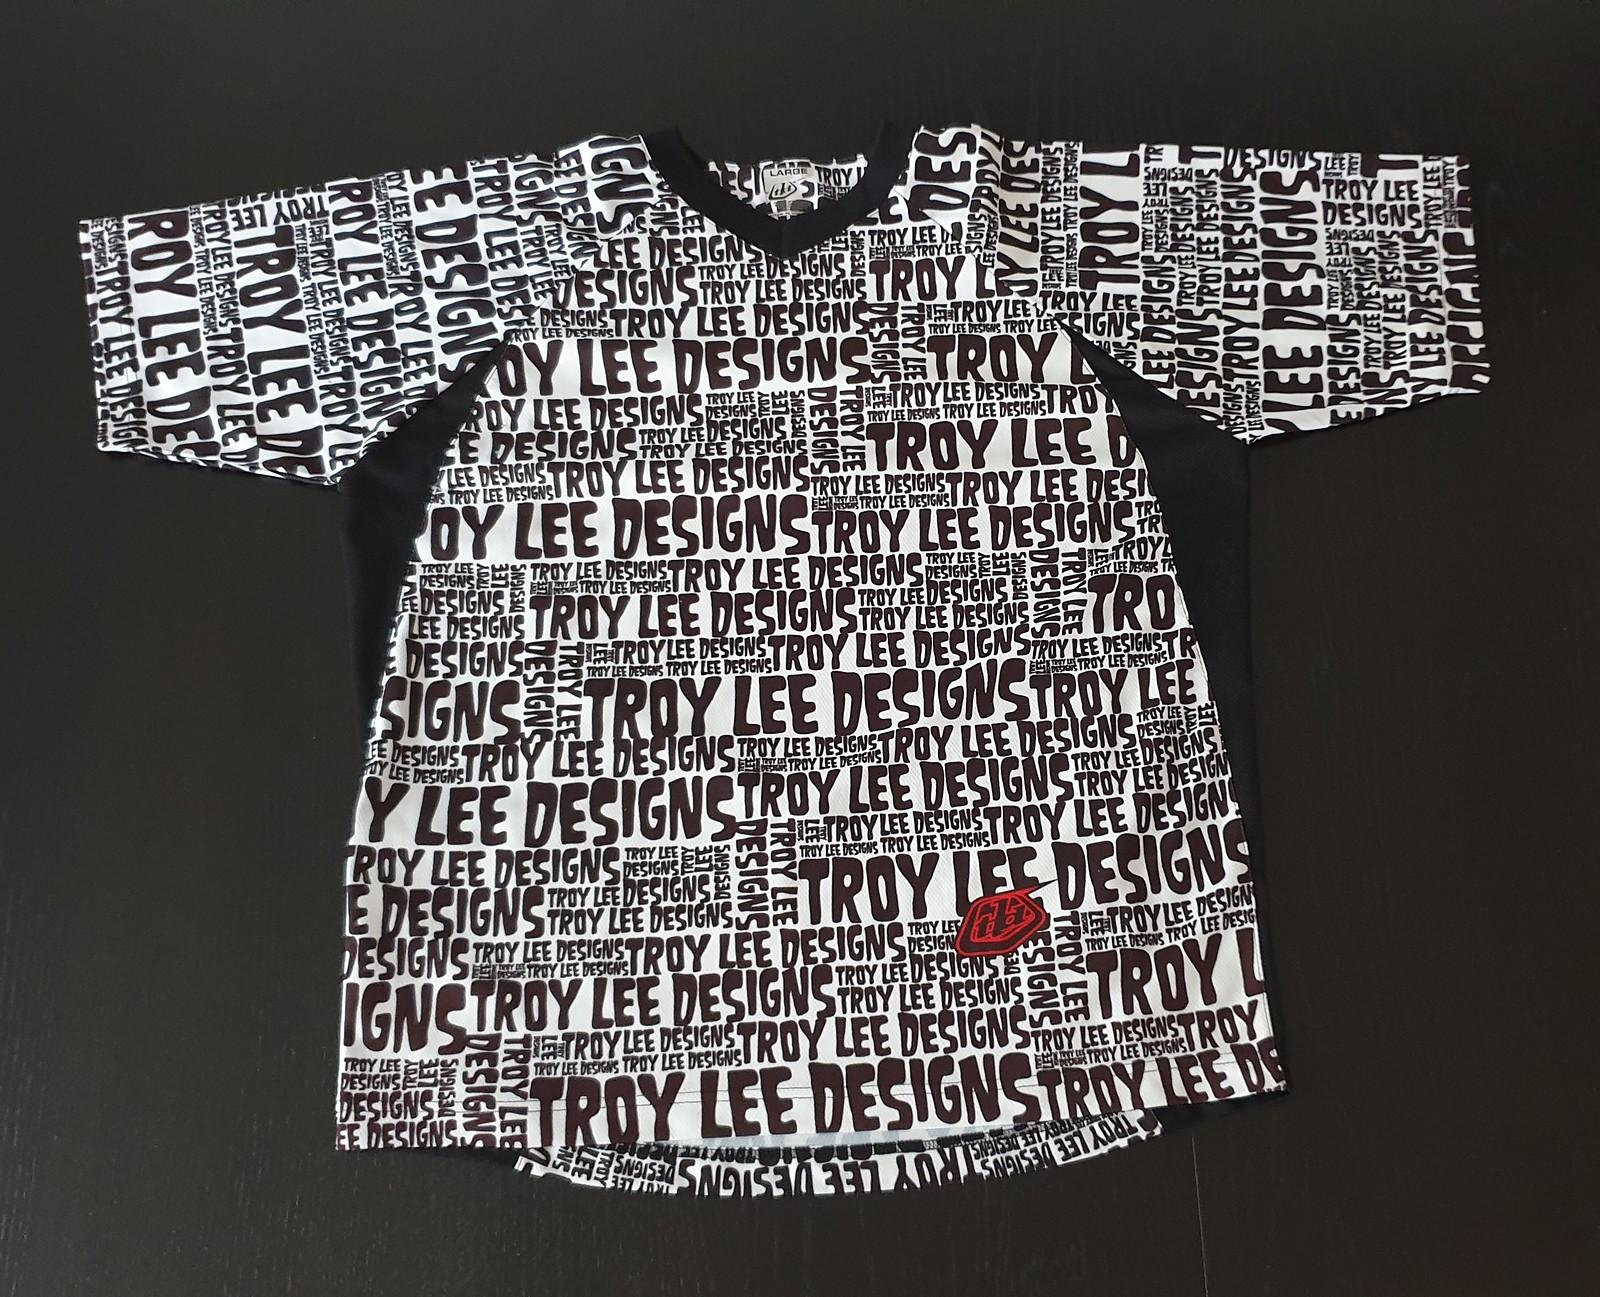 Troy Lee Designs Trikot | Troy Lee Designs Trikot Grosse L Bikemarkt Mtb News De